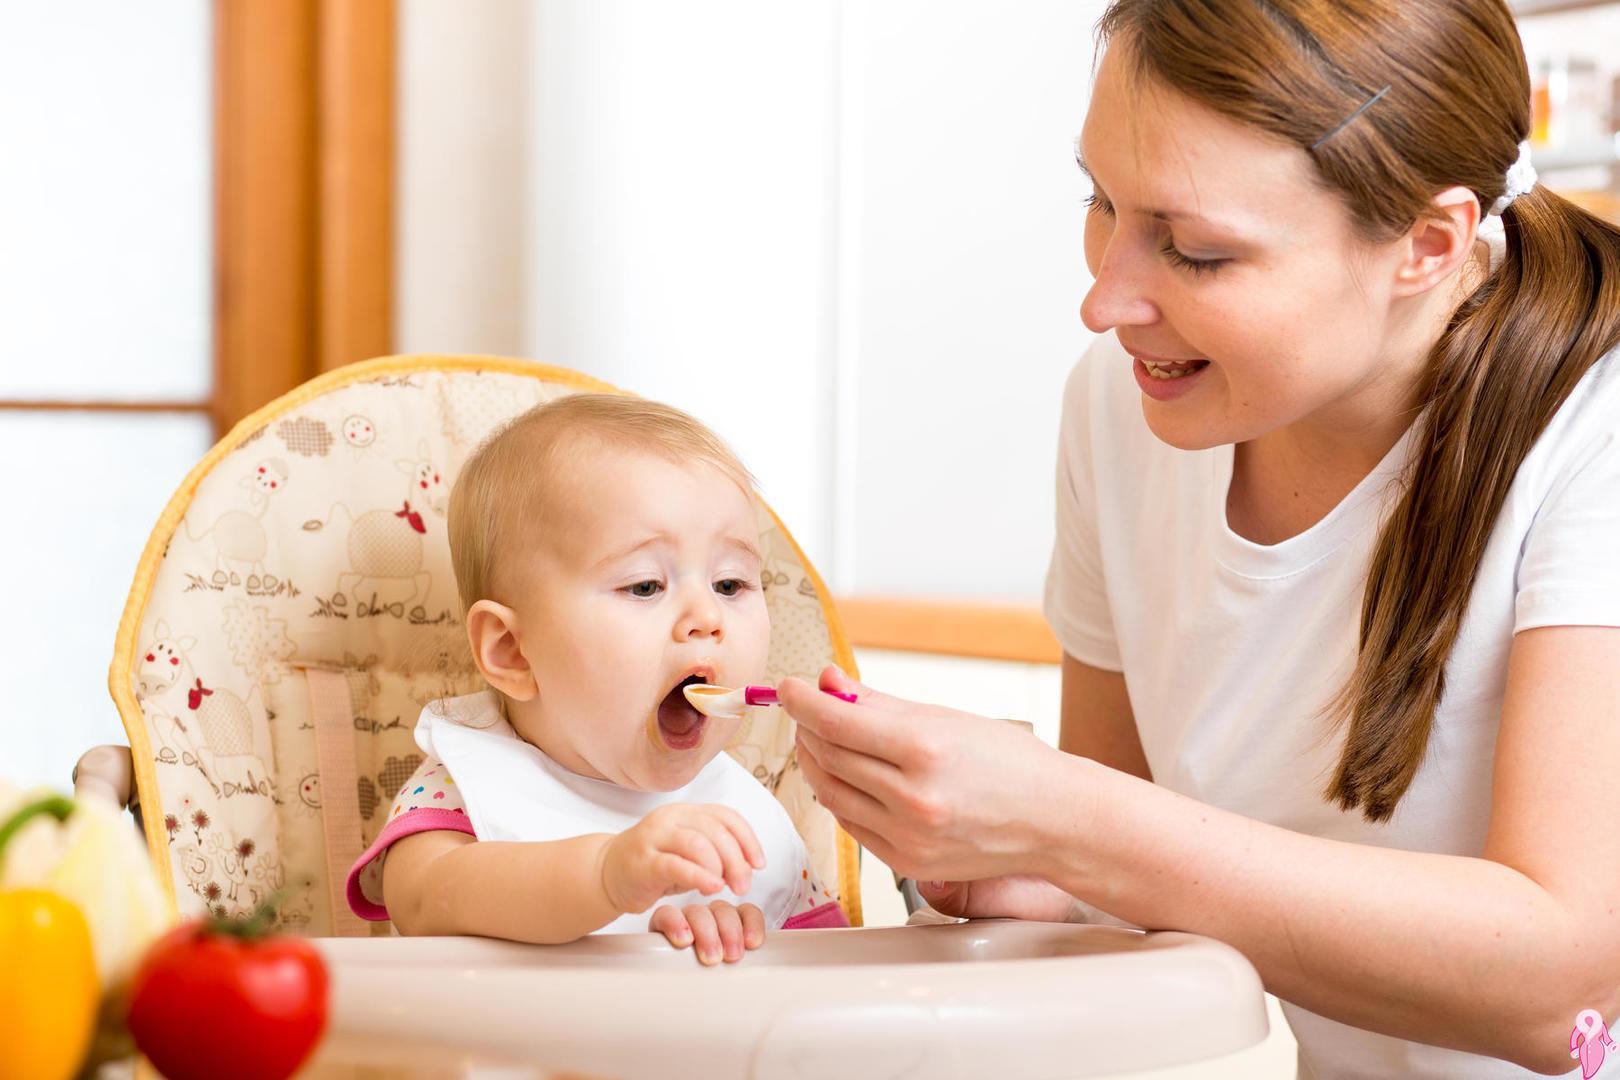 Bebeklerde Yeni Bir Beslenme Düzeninin Oturtulması